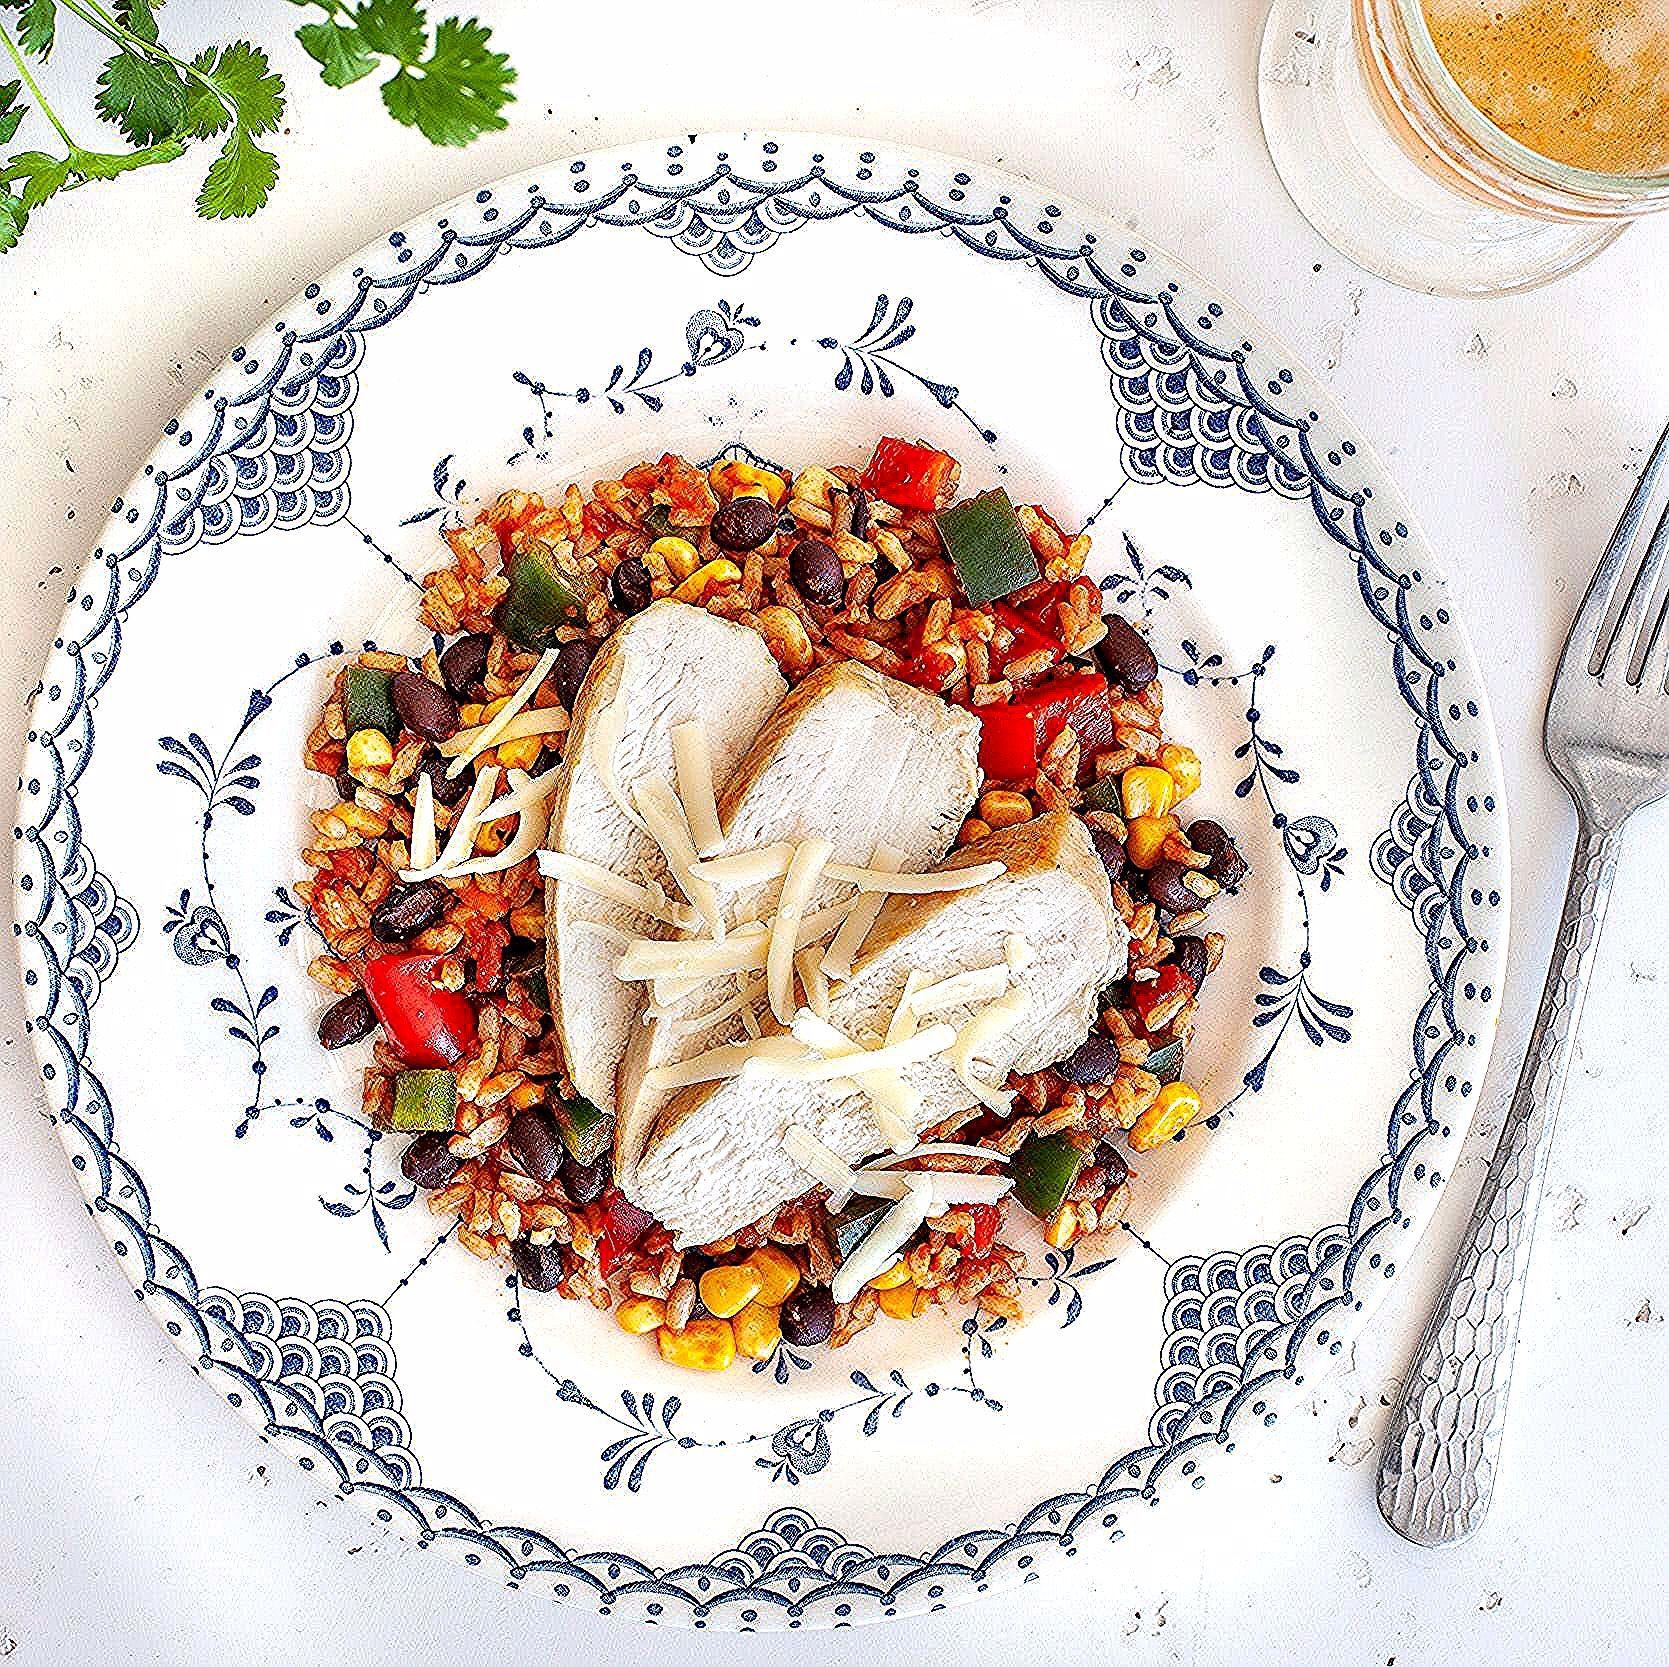 Vous aimez les plats relevés? Goûtez notre poulet à la mexicaine! Riz brun, haricots rouges, poulet,...